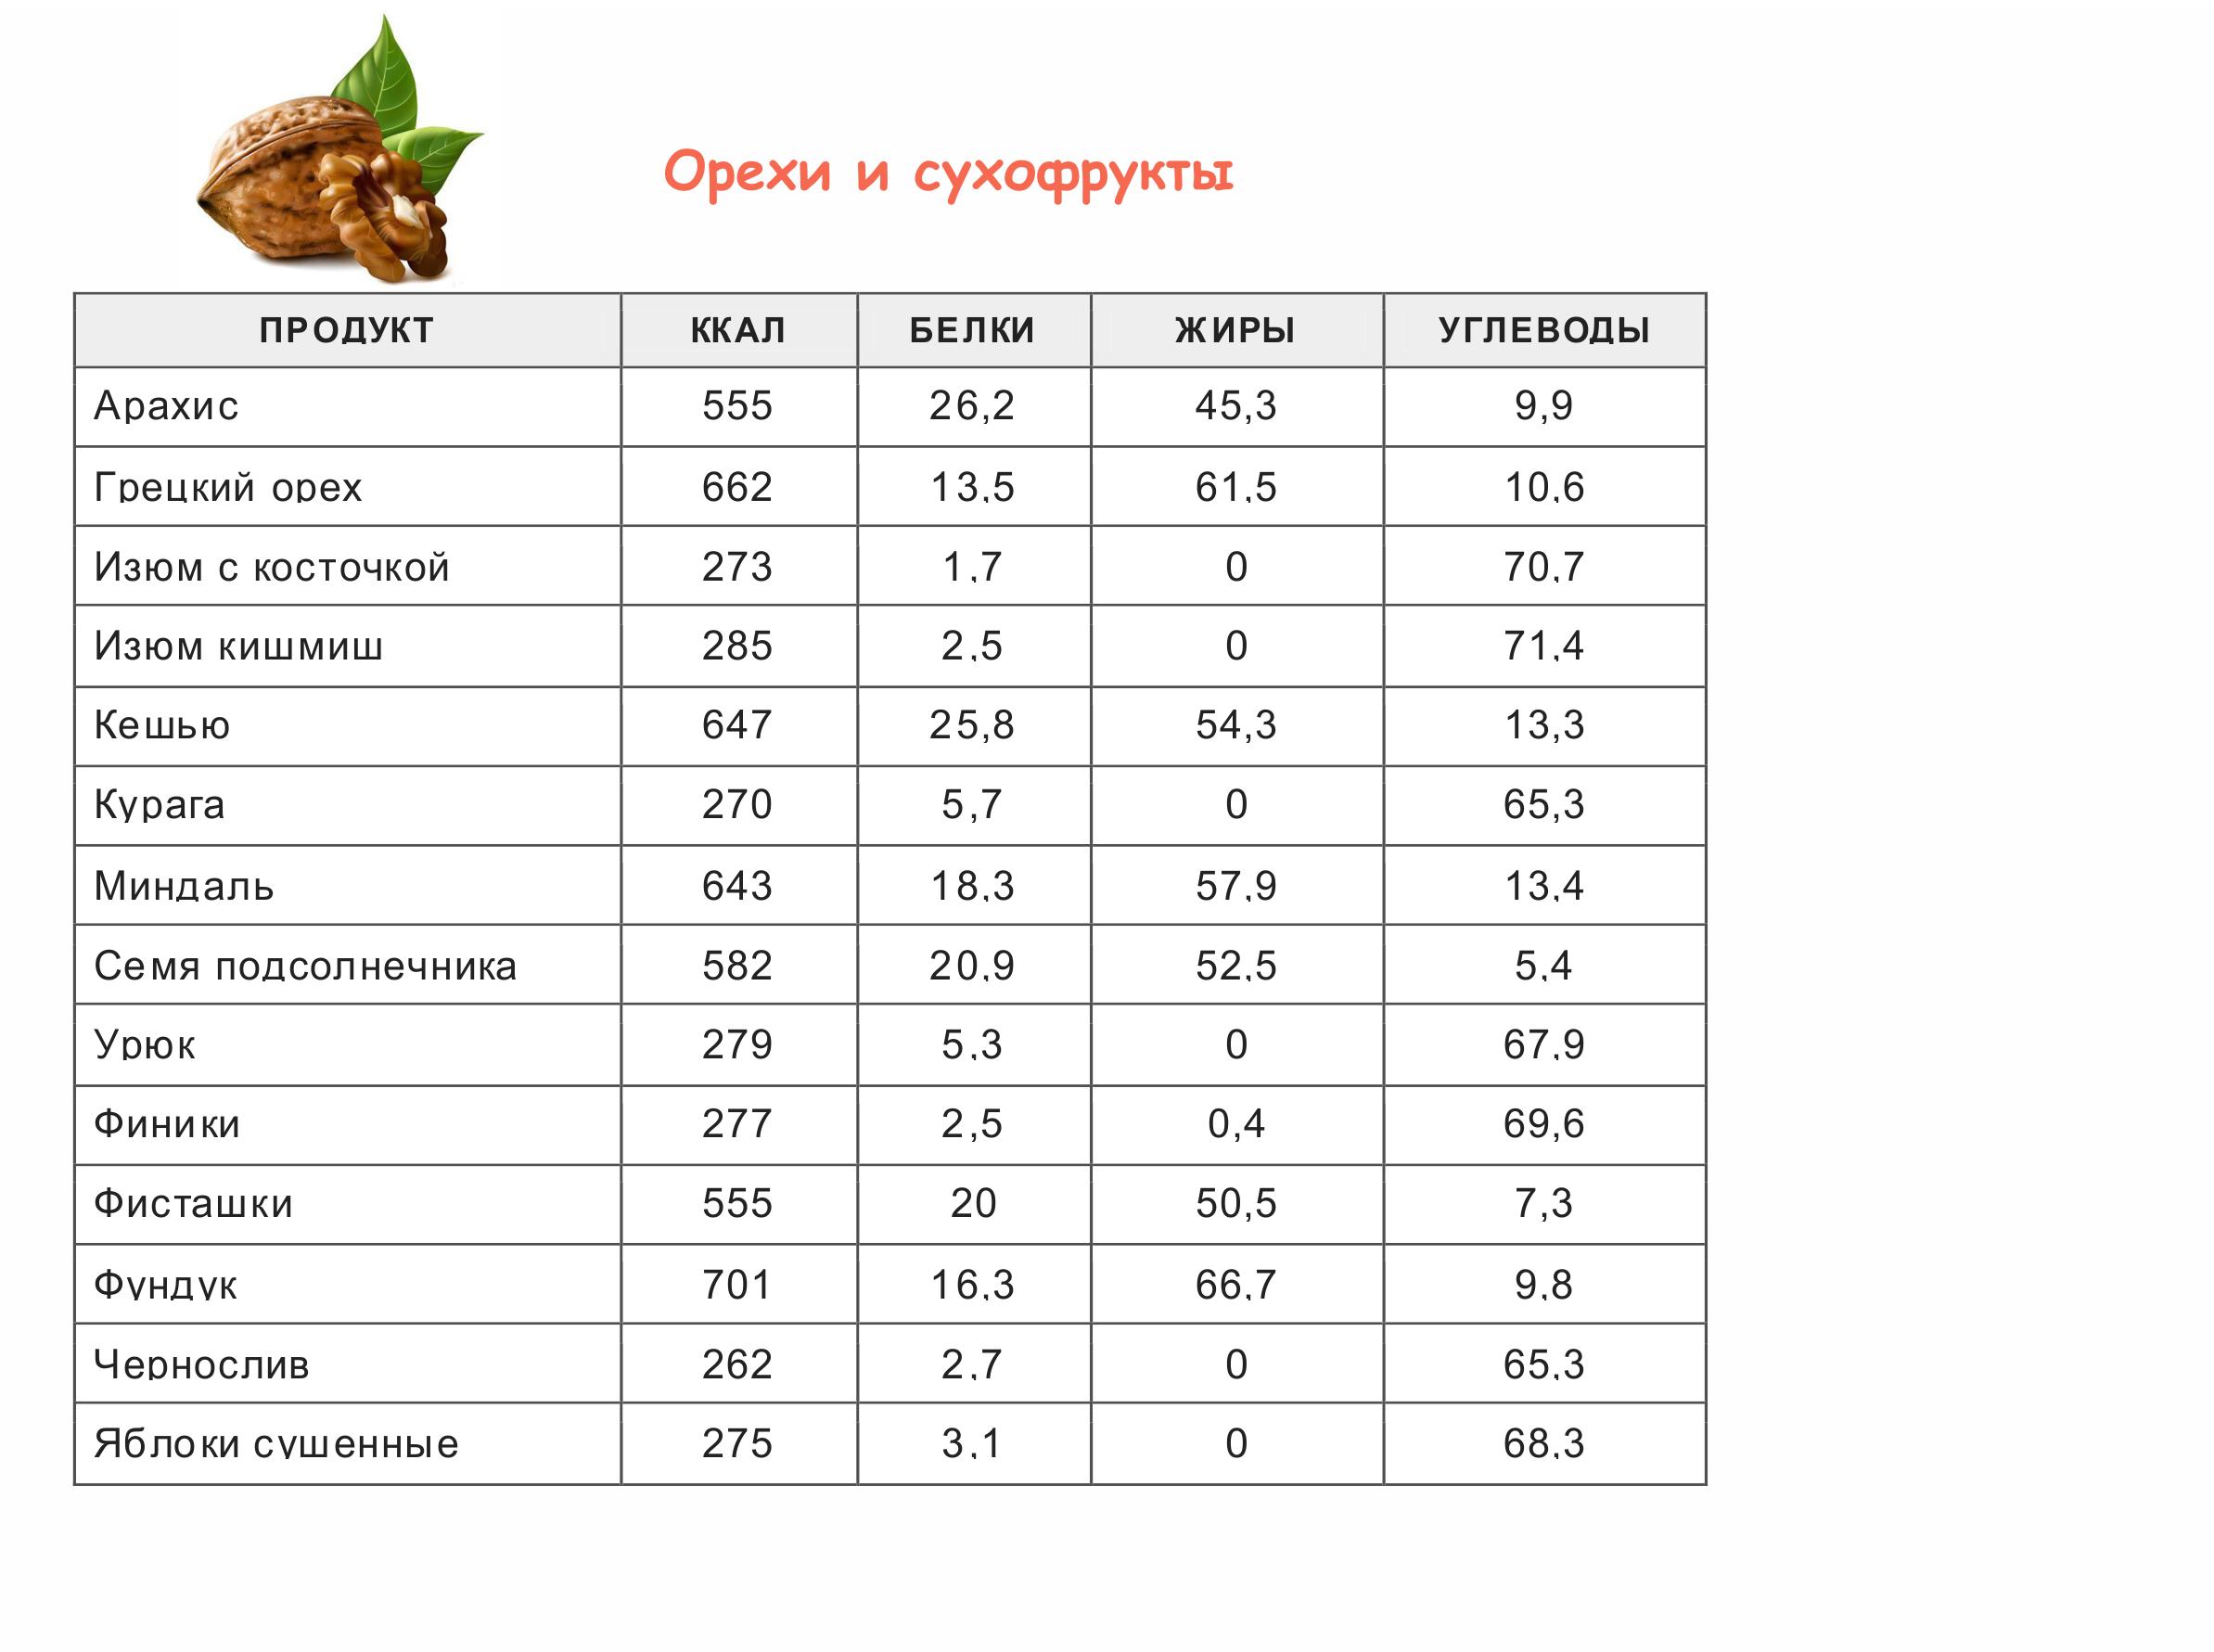 tablitsa-kaloriynosti-orehi-i-suhofrukty